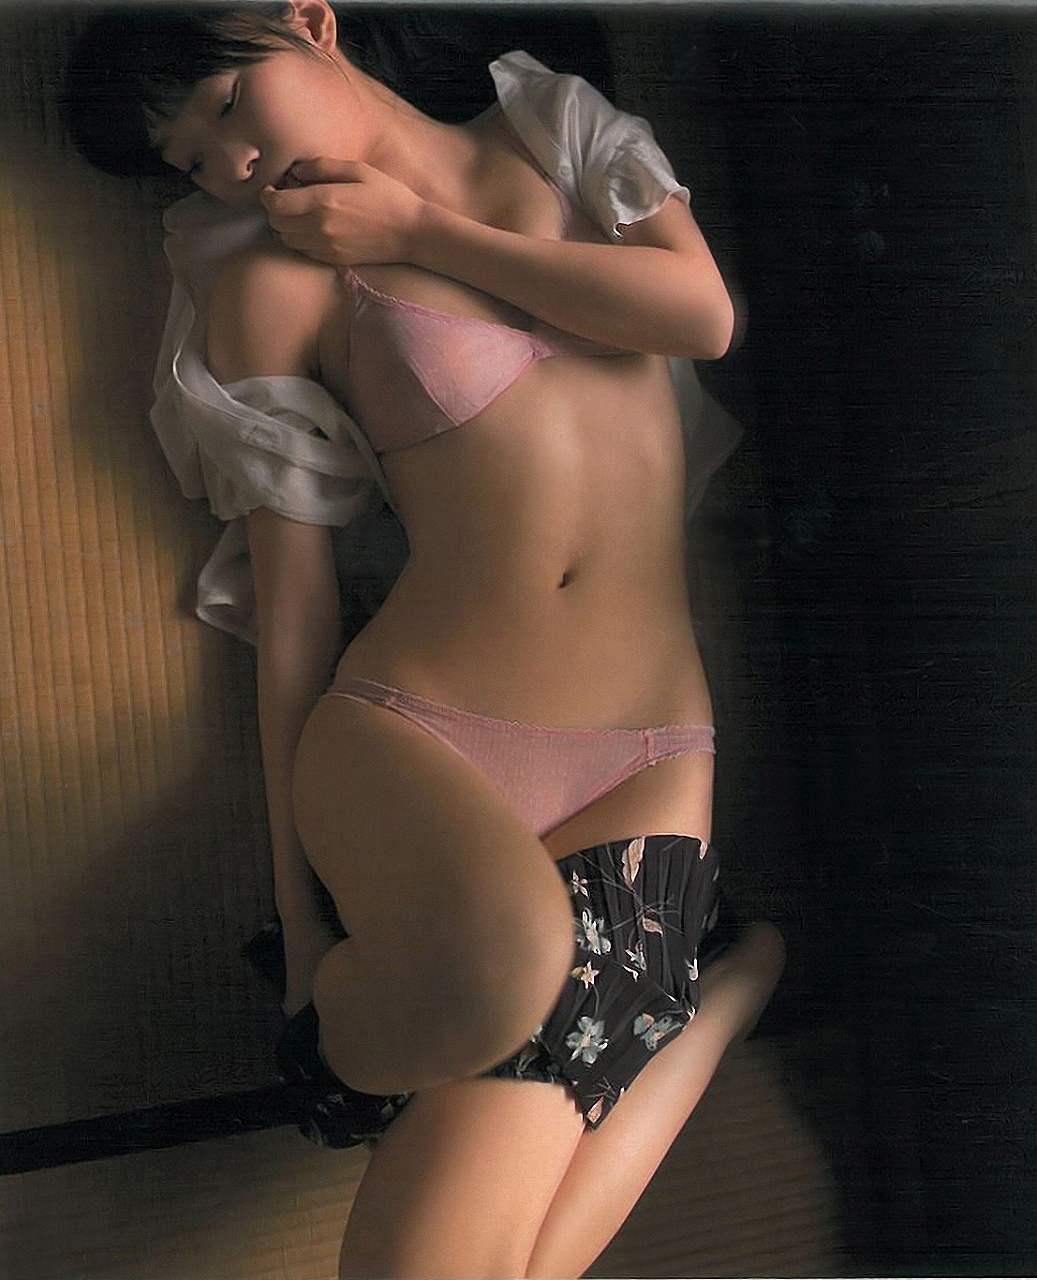 「昭和の団地妻」をテーマに撮られたHKT48・指原莉乃のグラビア